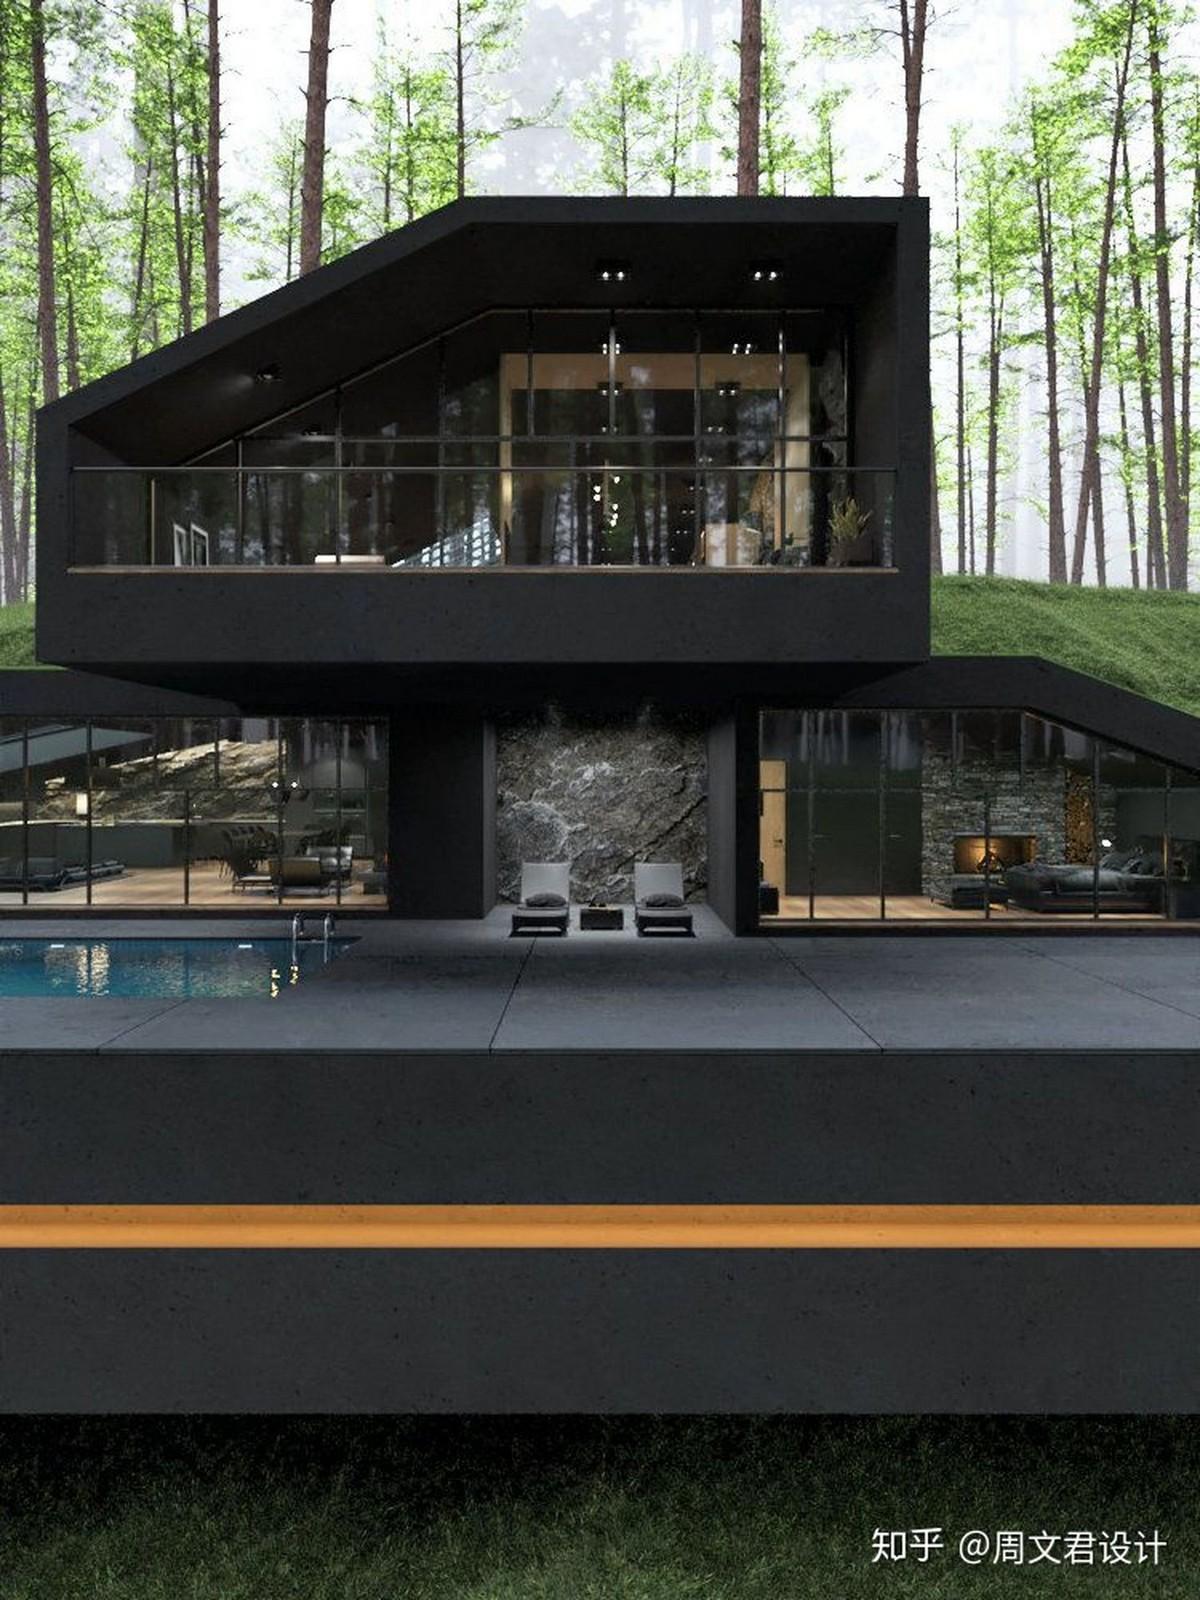 Концептуальный проект виллы в лесу штата Нью-Йорк